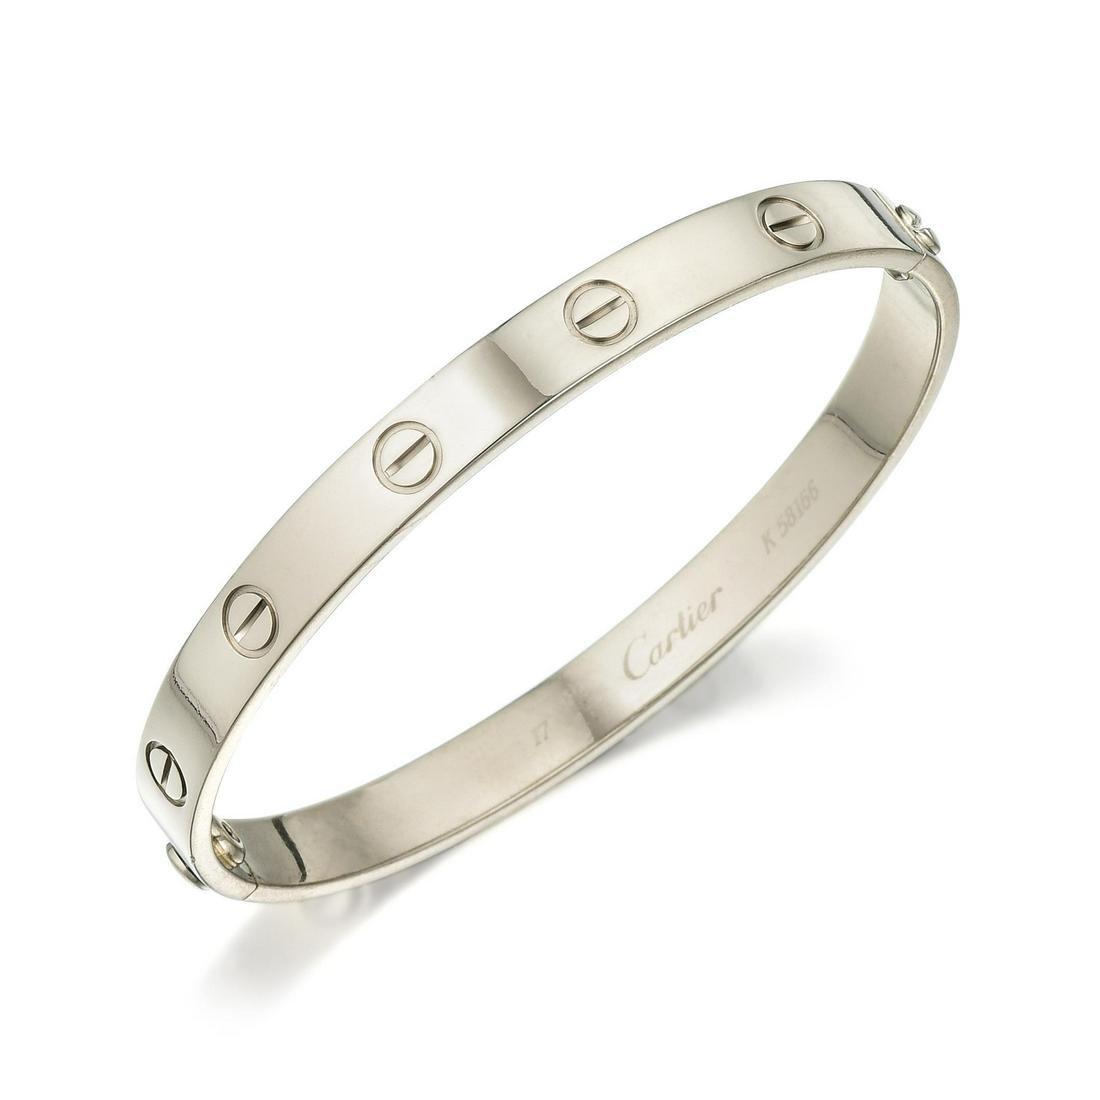 d02f00abfaaca Cartier Love Bracelet in White Gold